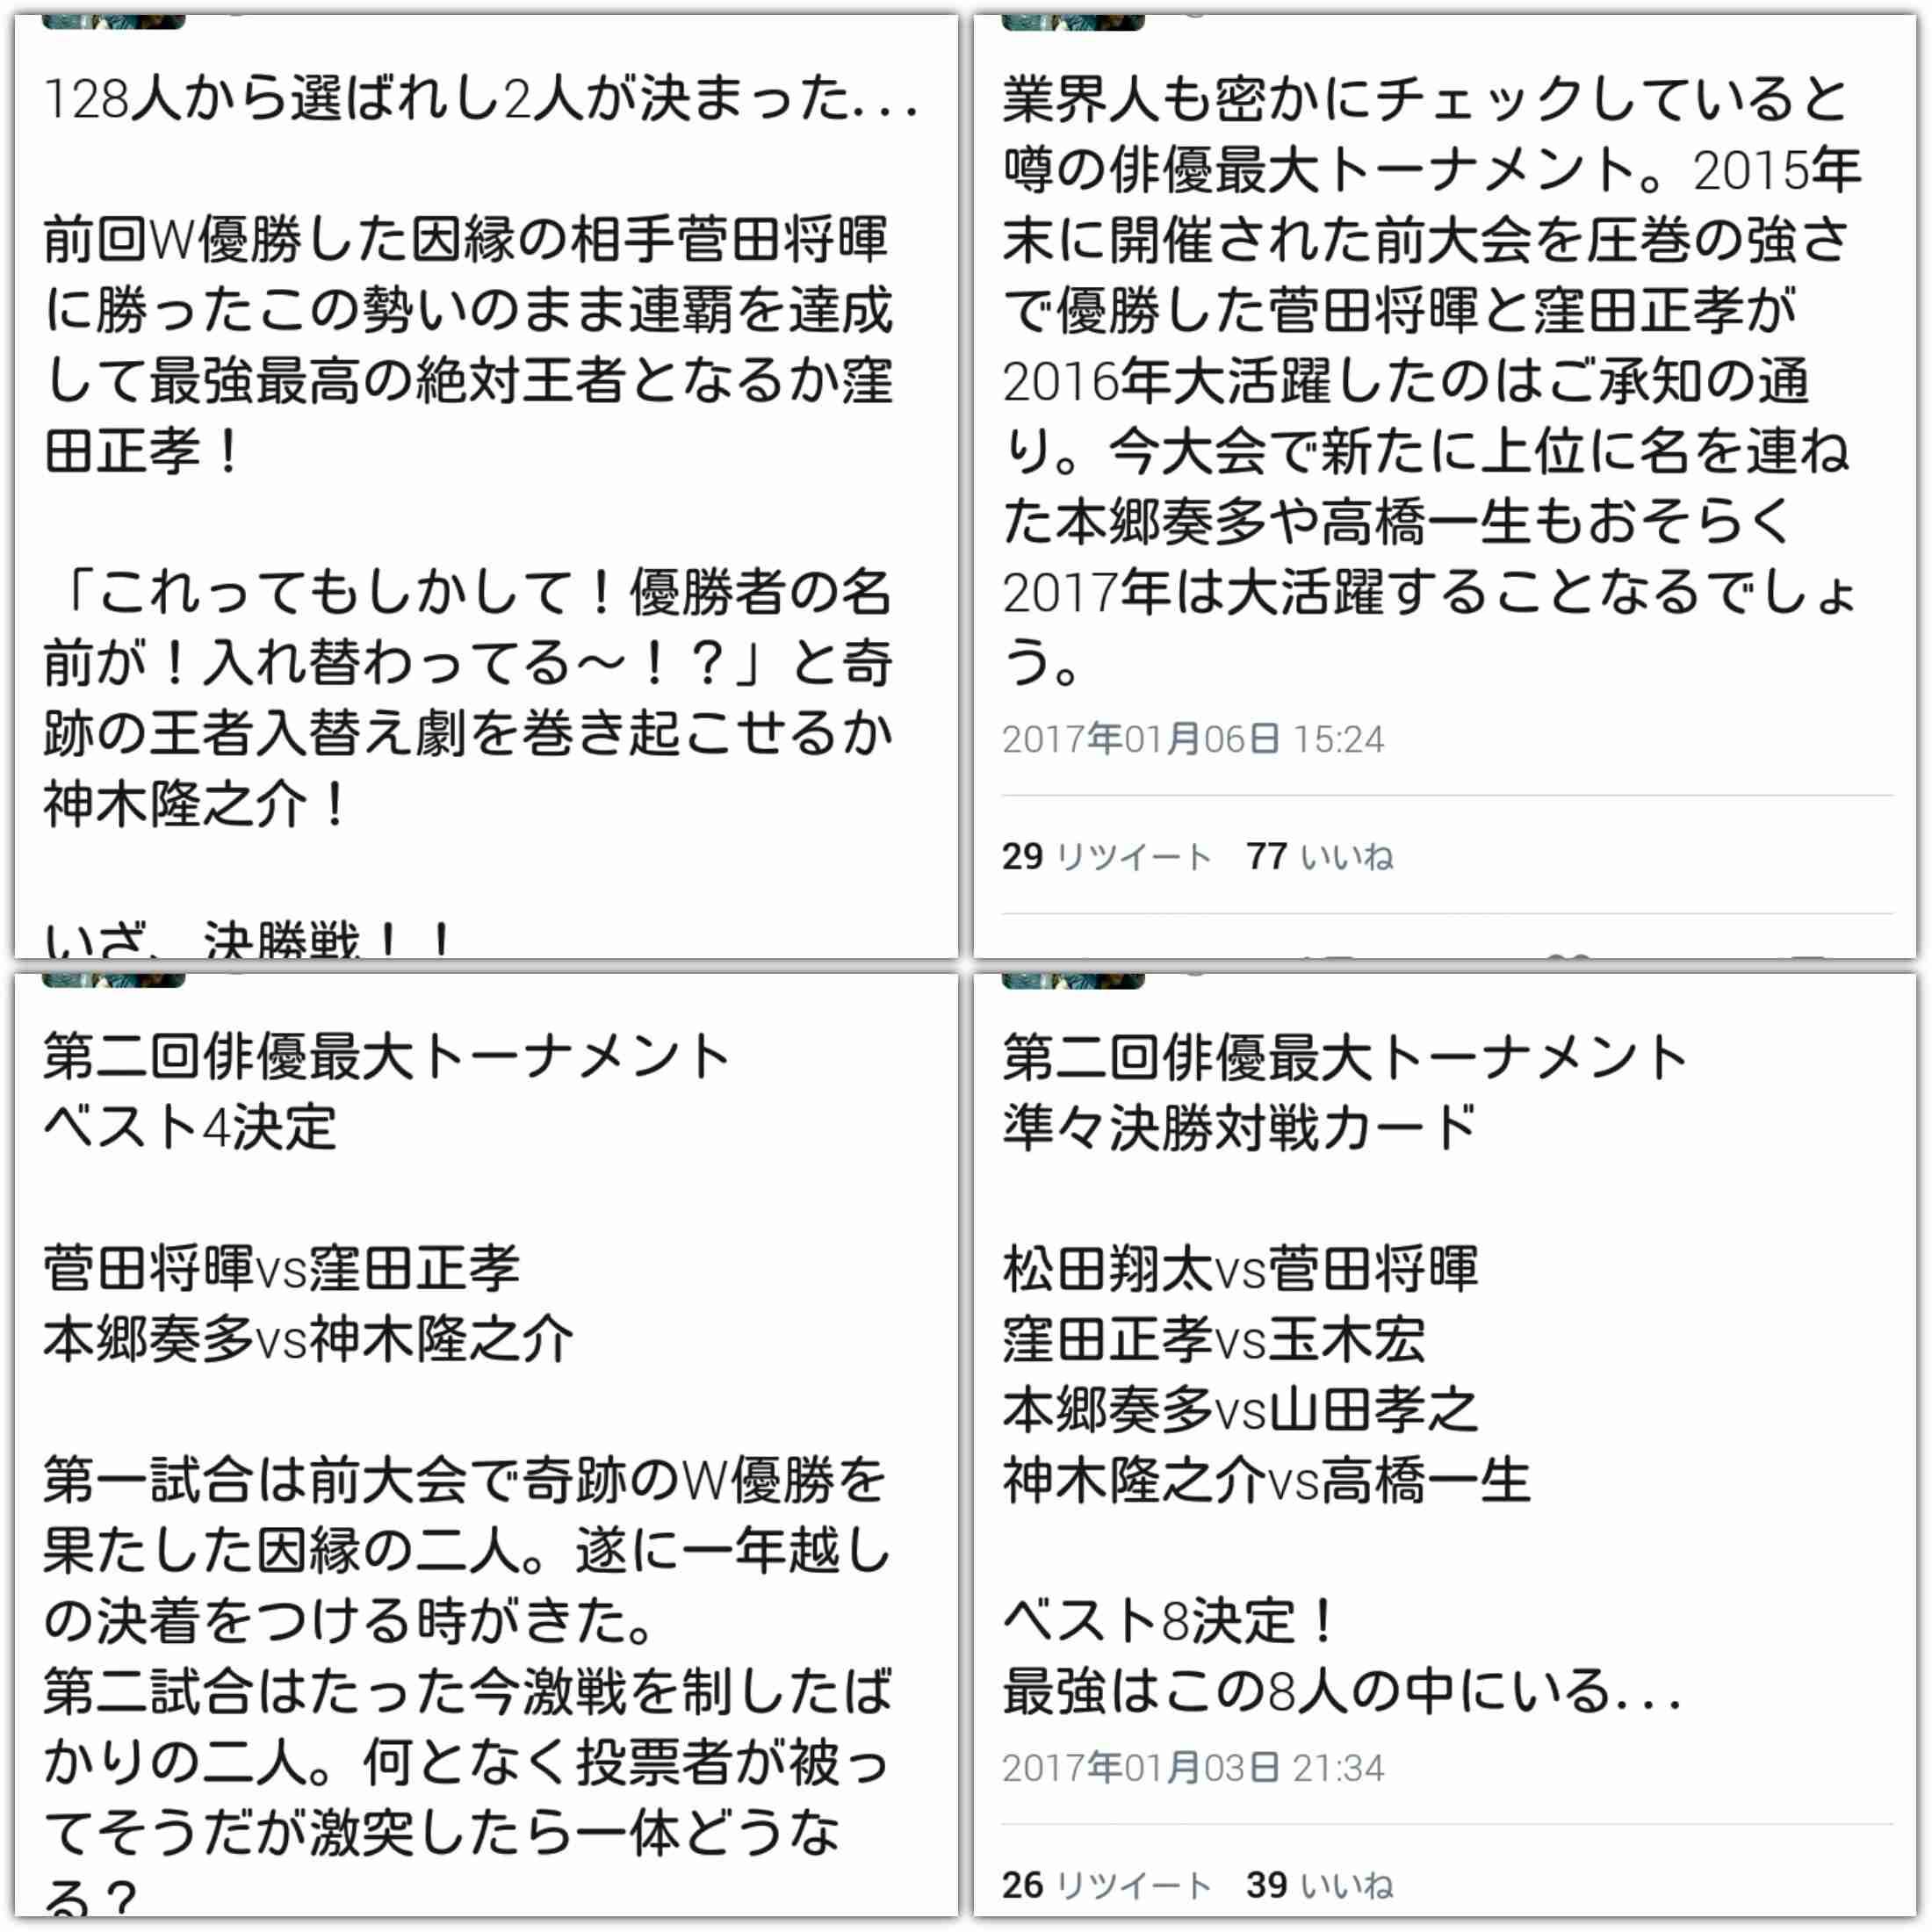 窪田正孝好きな人 No.2